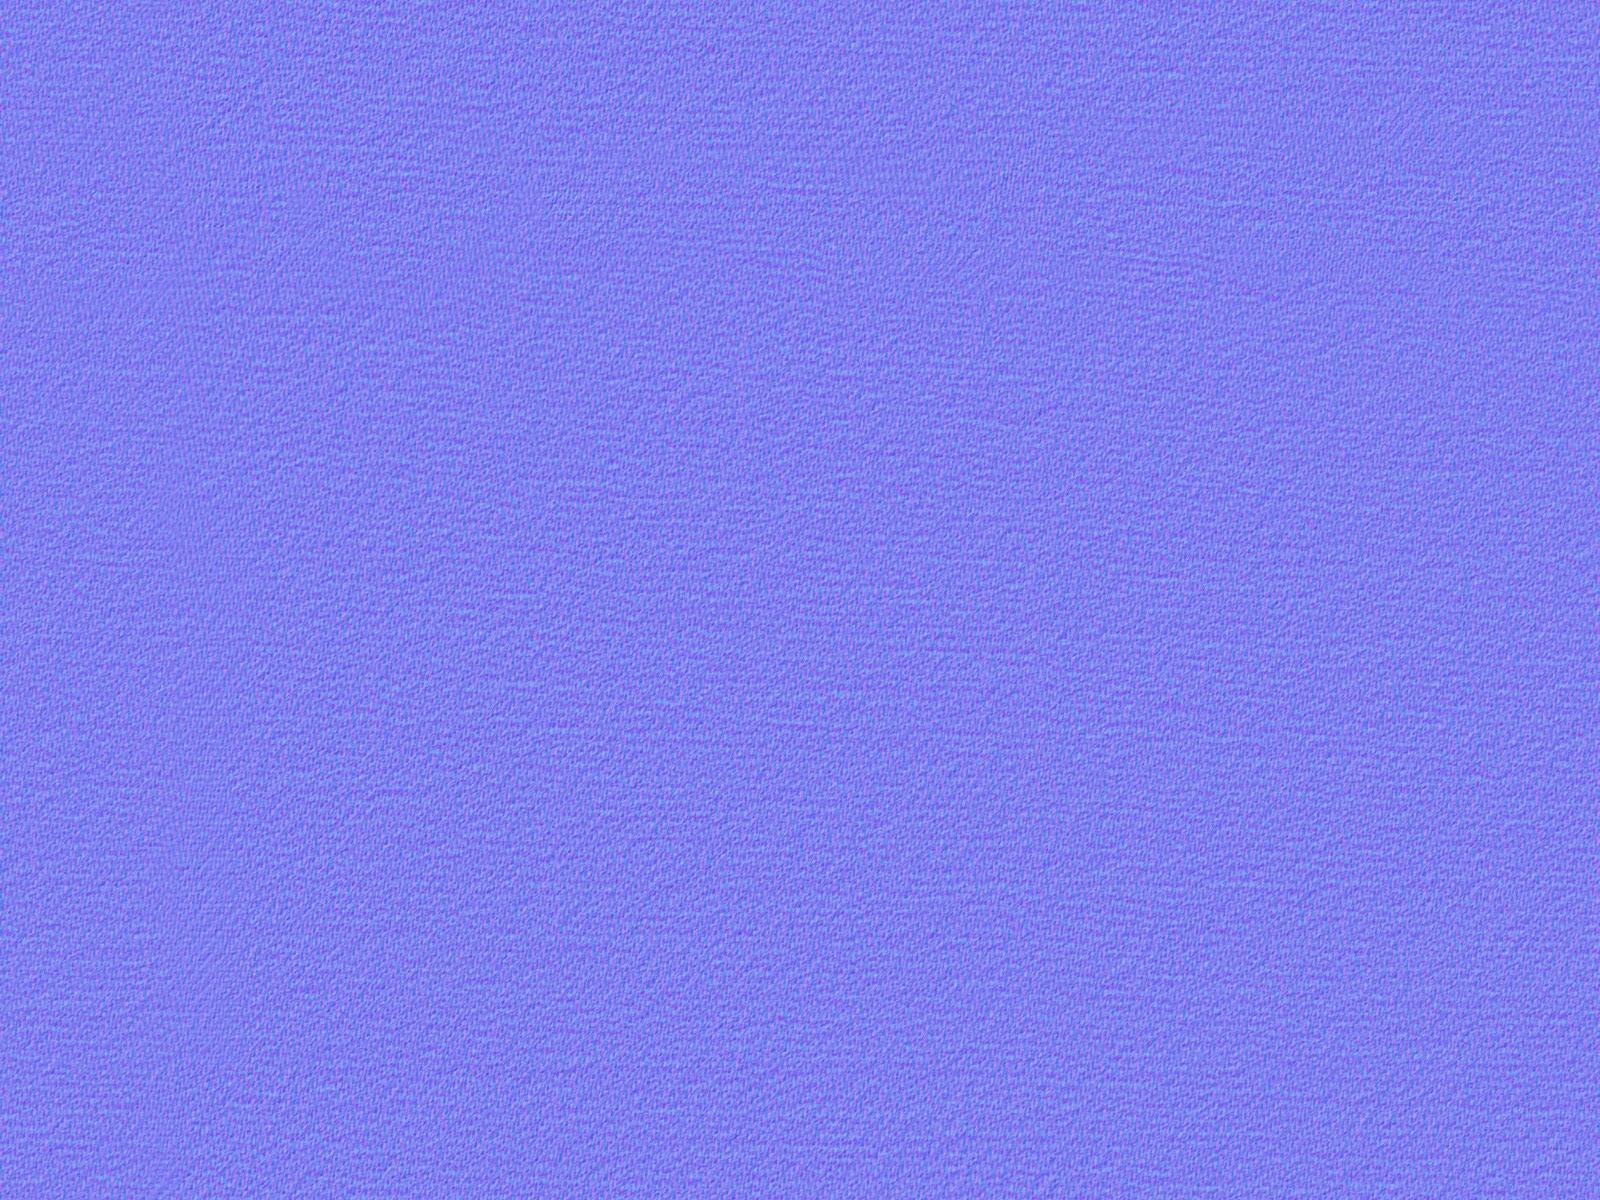 Texturise Seamless Grey Fabric Texture Normal Map Textures